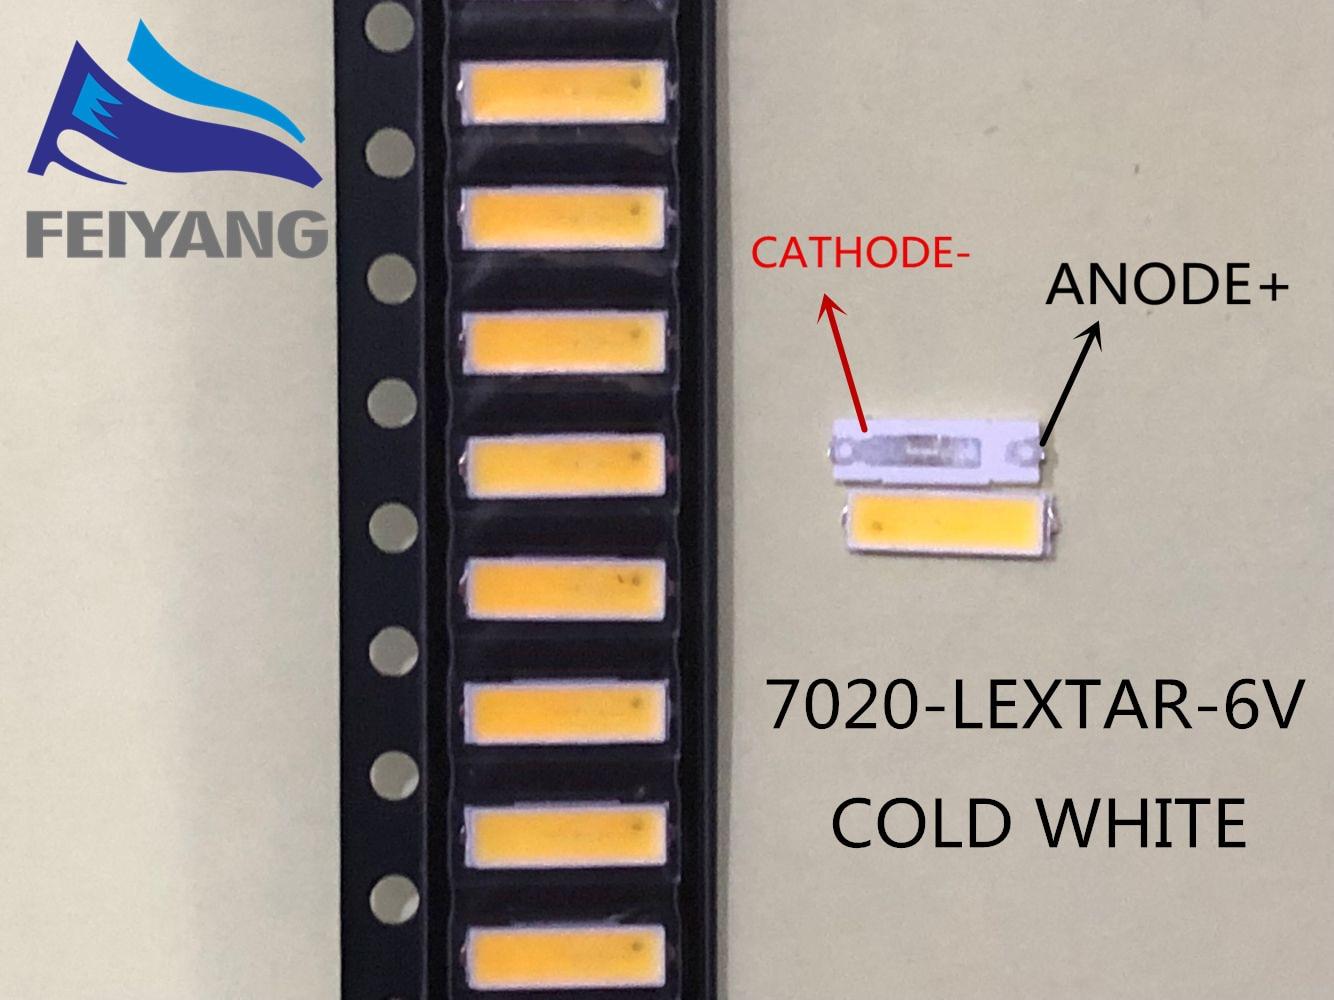 1000pcs Lextar Led Backlight Mid Power Led 0.5w 7020 3v Cool White 40lm Lcd Backlight For Tv Tv Application